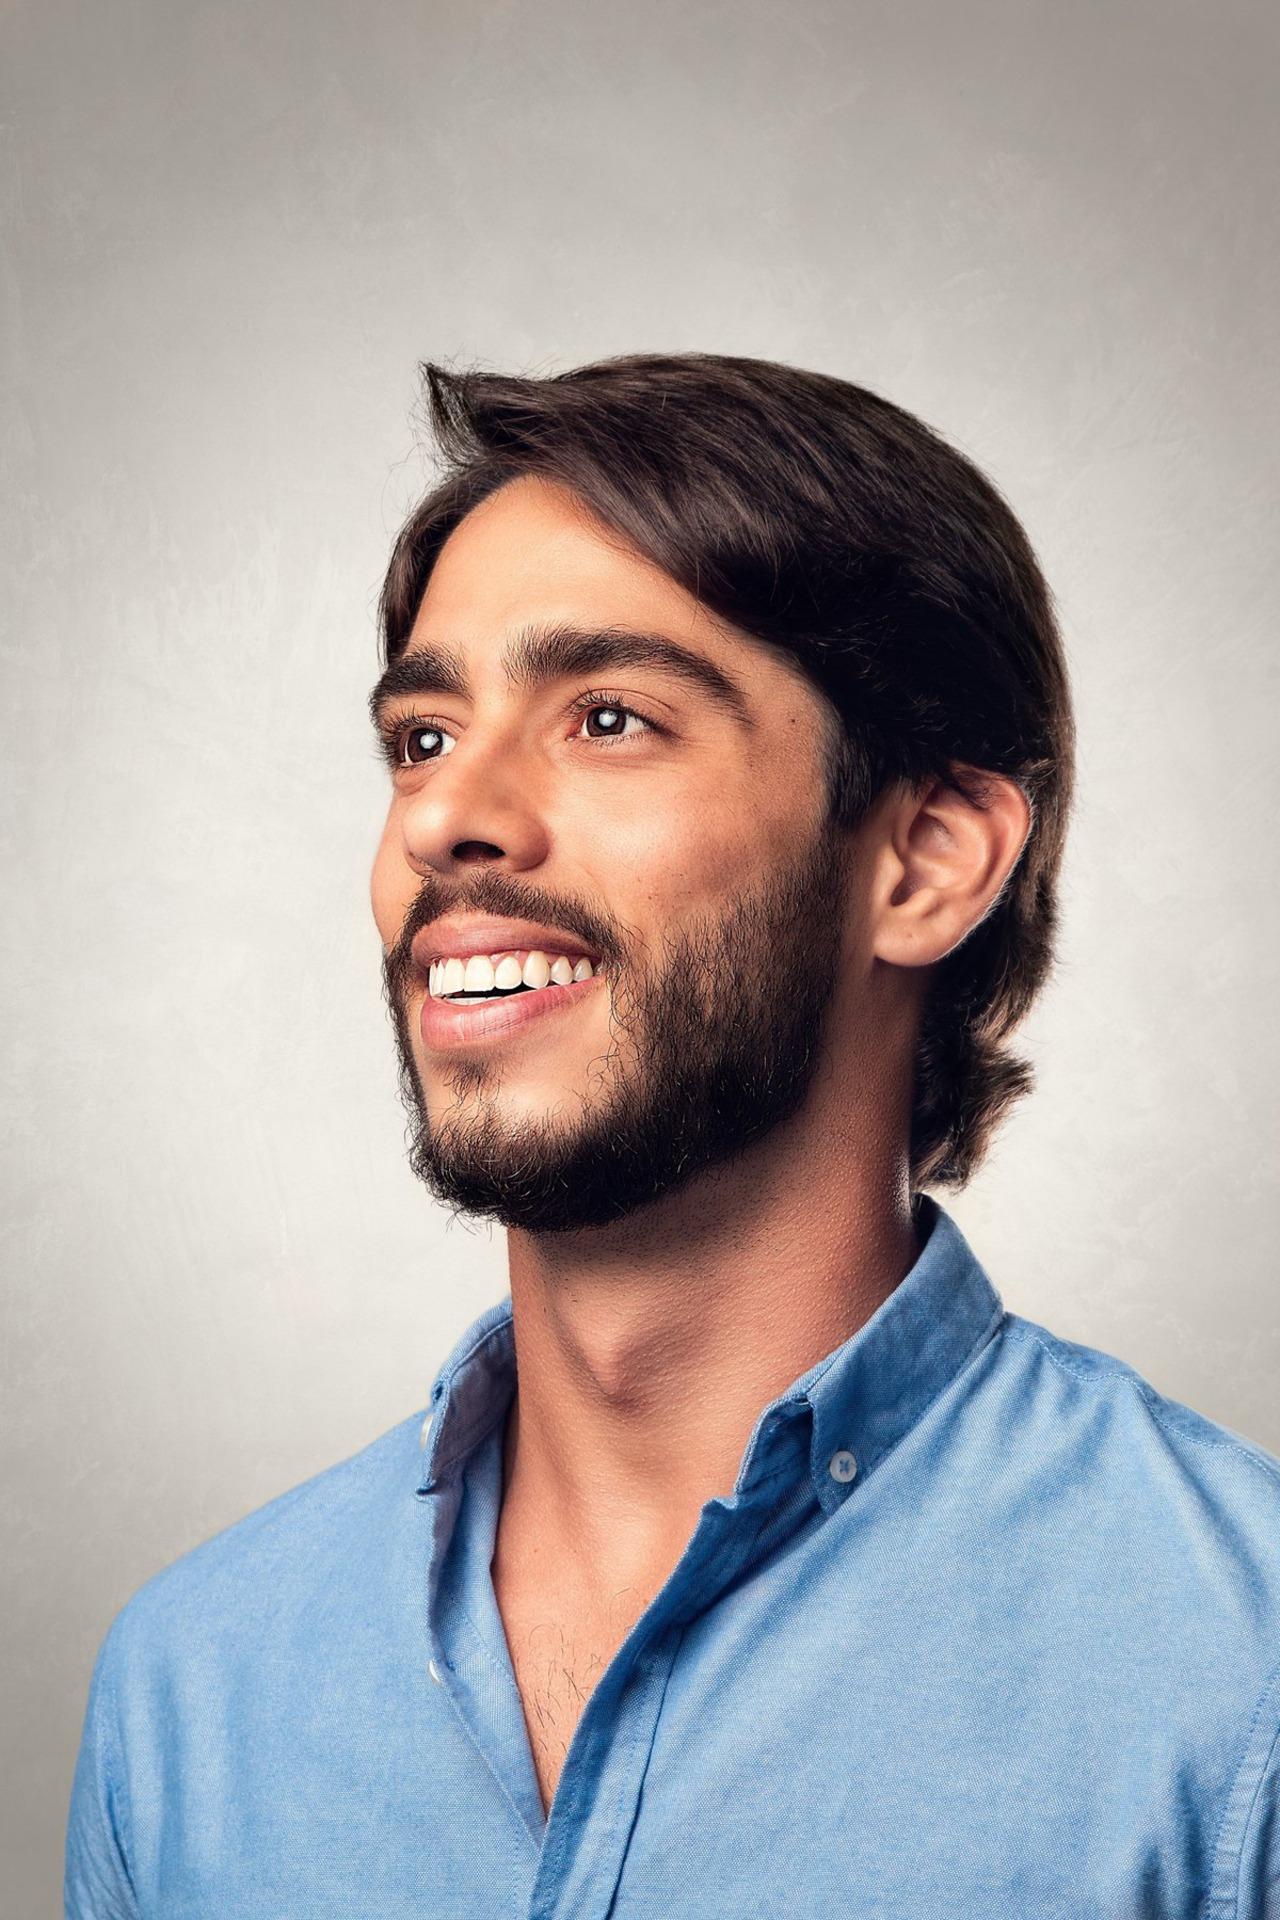 Márcio Rêgo | Médico Veterinário |  Retrato Corporativo em Salvador | Icaro Cerqueira Fotografia